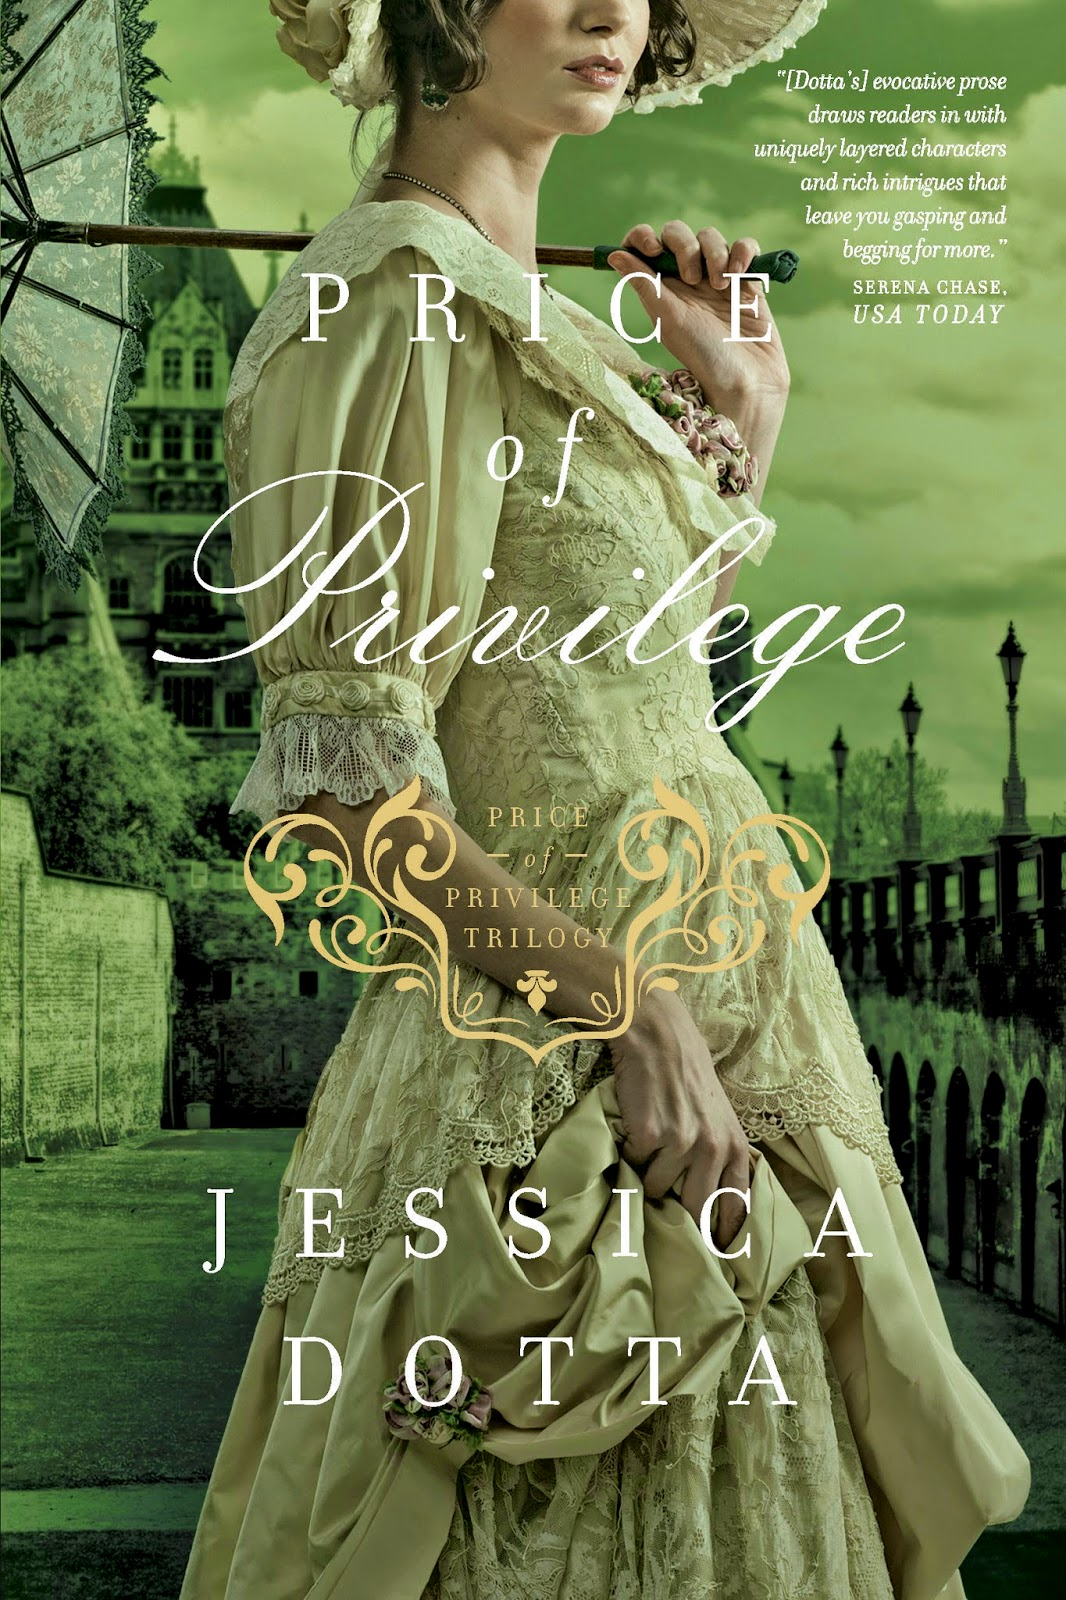 Price of Privilege book cover